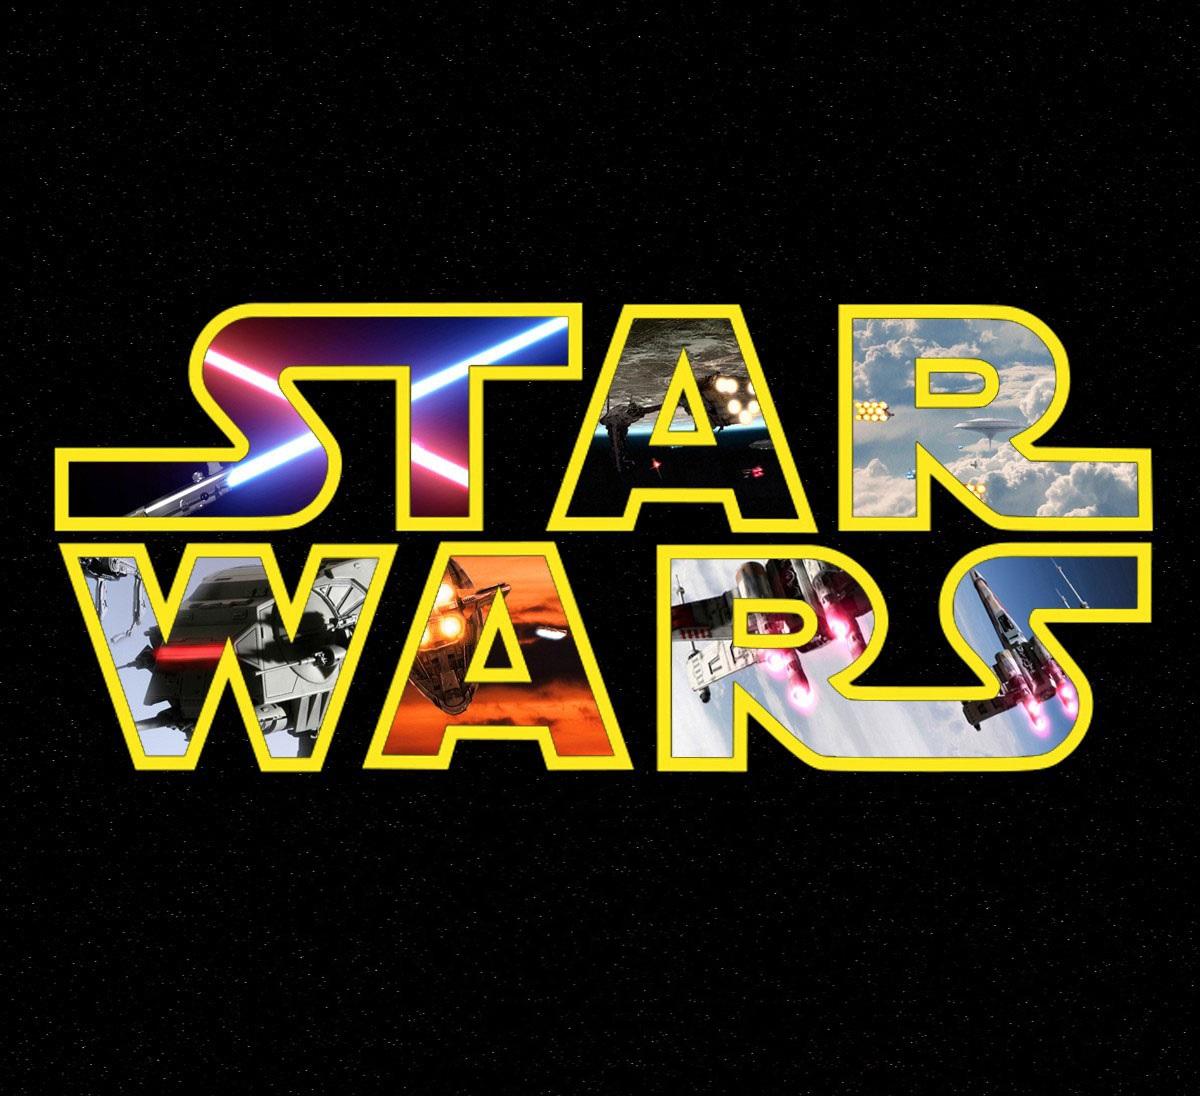 CEO da Disney diz que Star Wars pode durar mais 15 anos